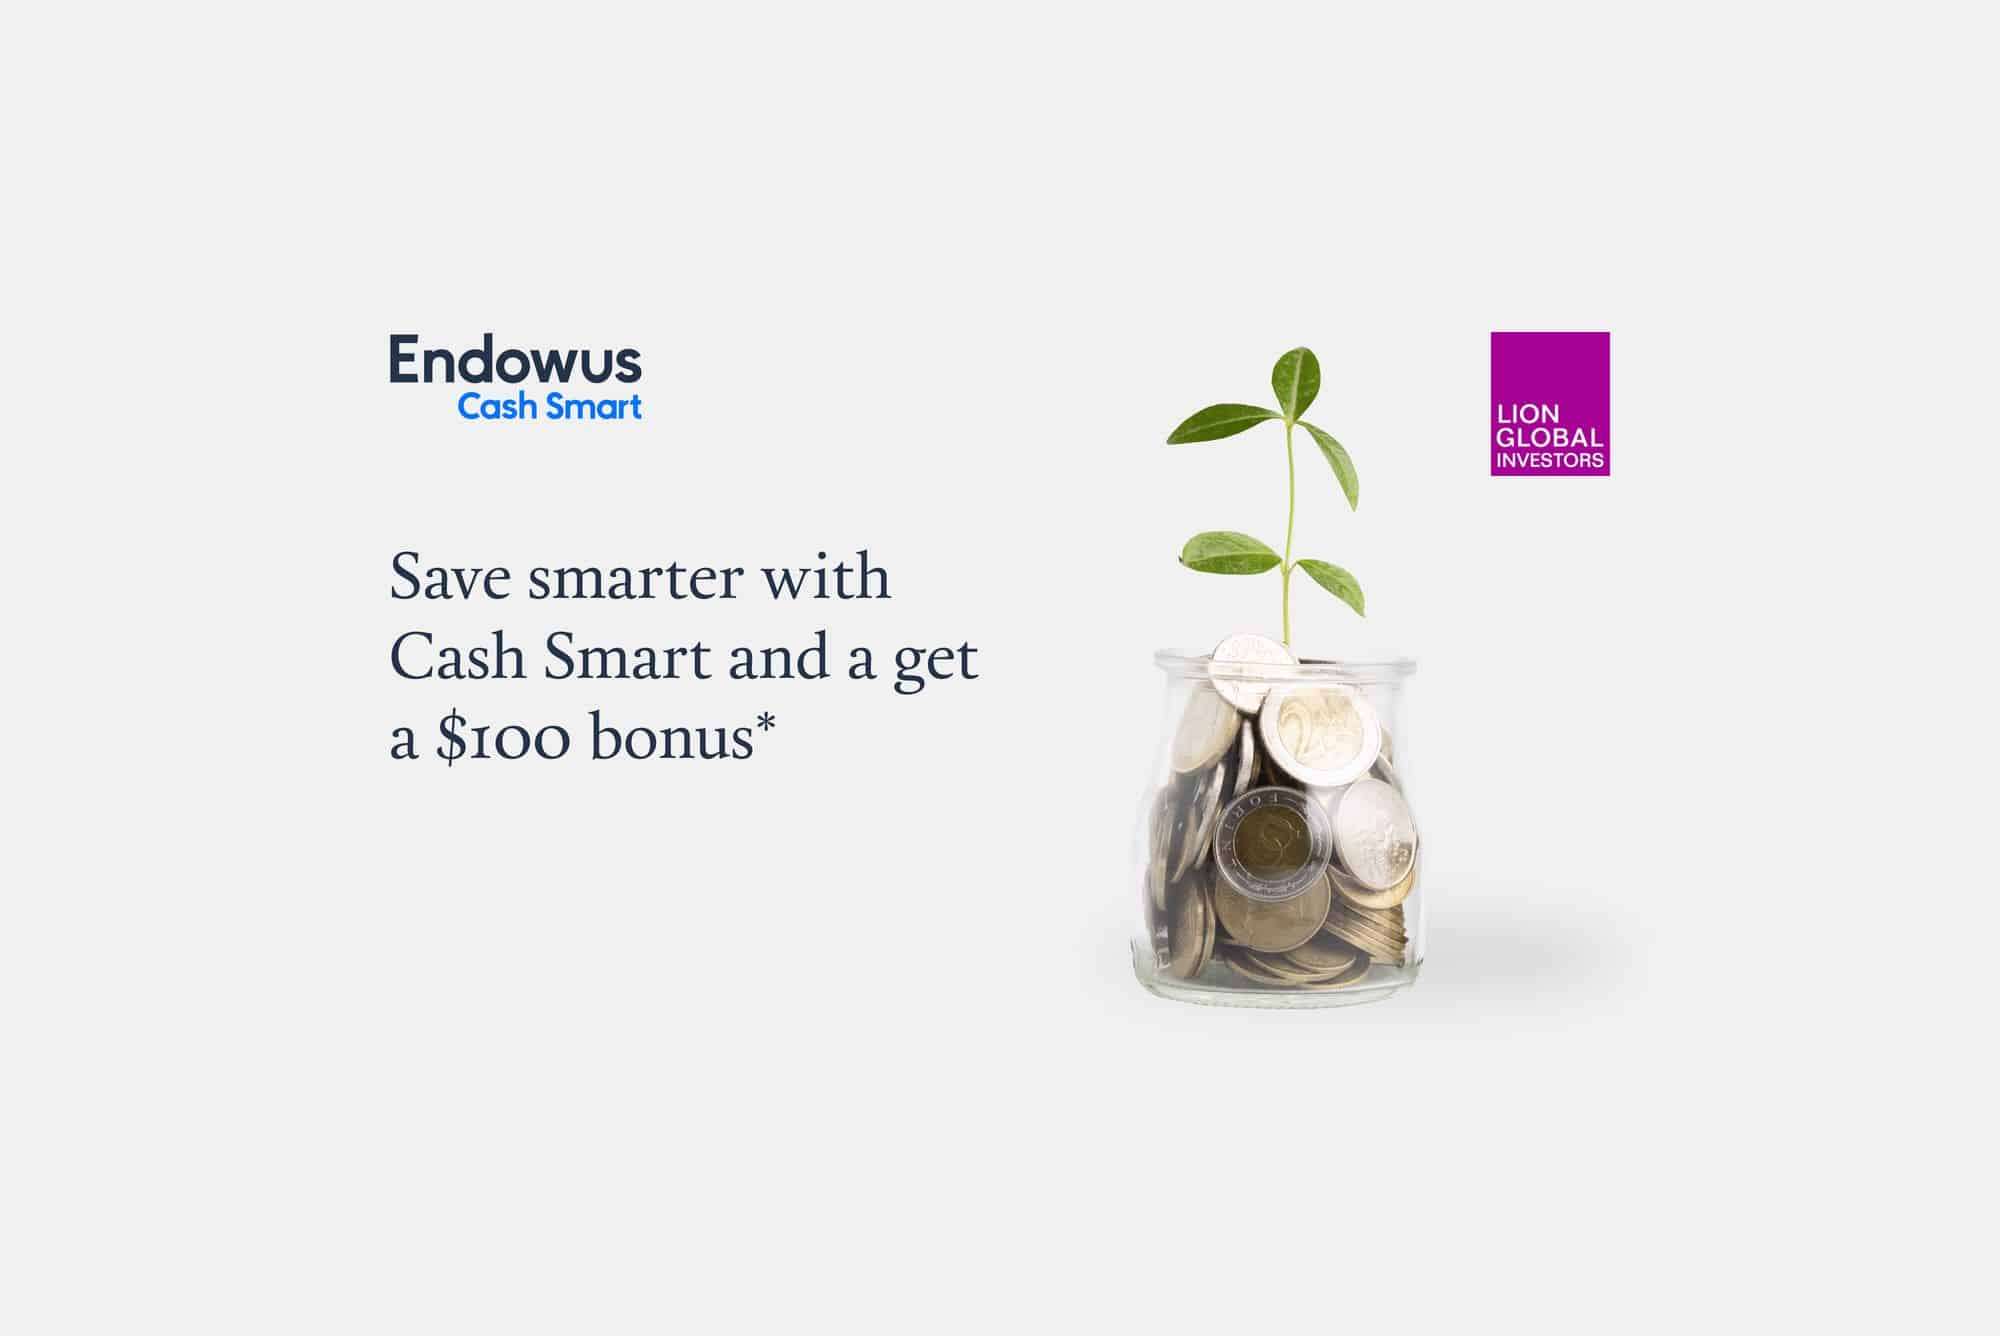 Get Endowus Cash Smart + $100 bonus* for a limited time only